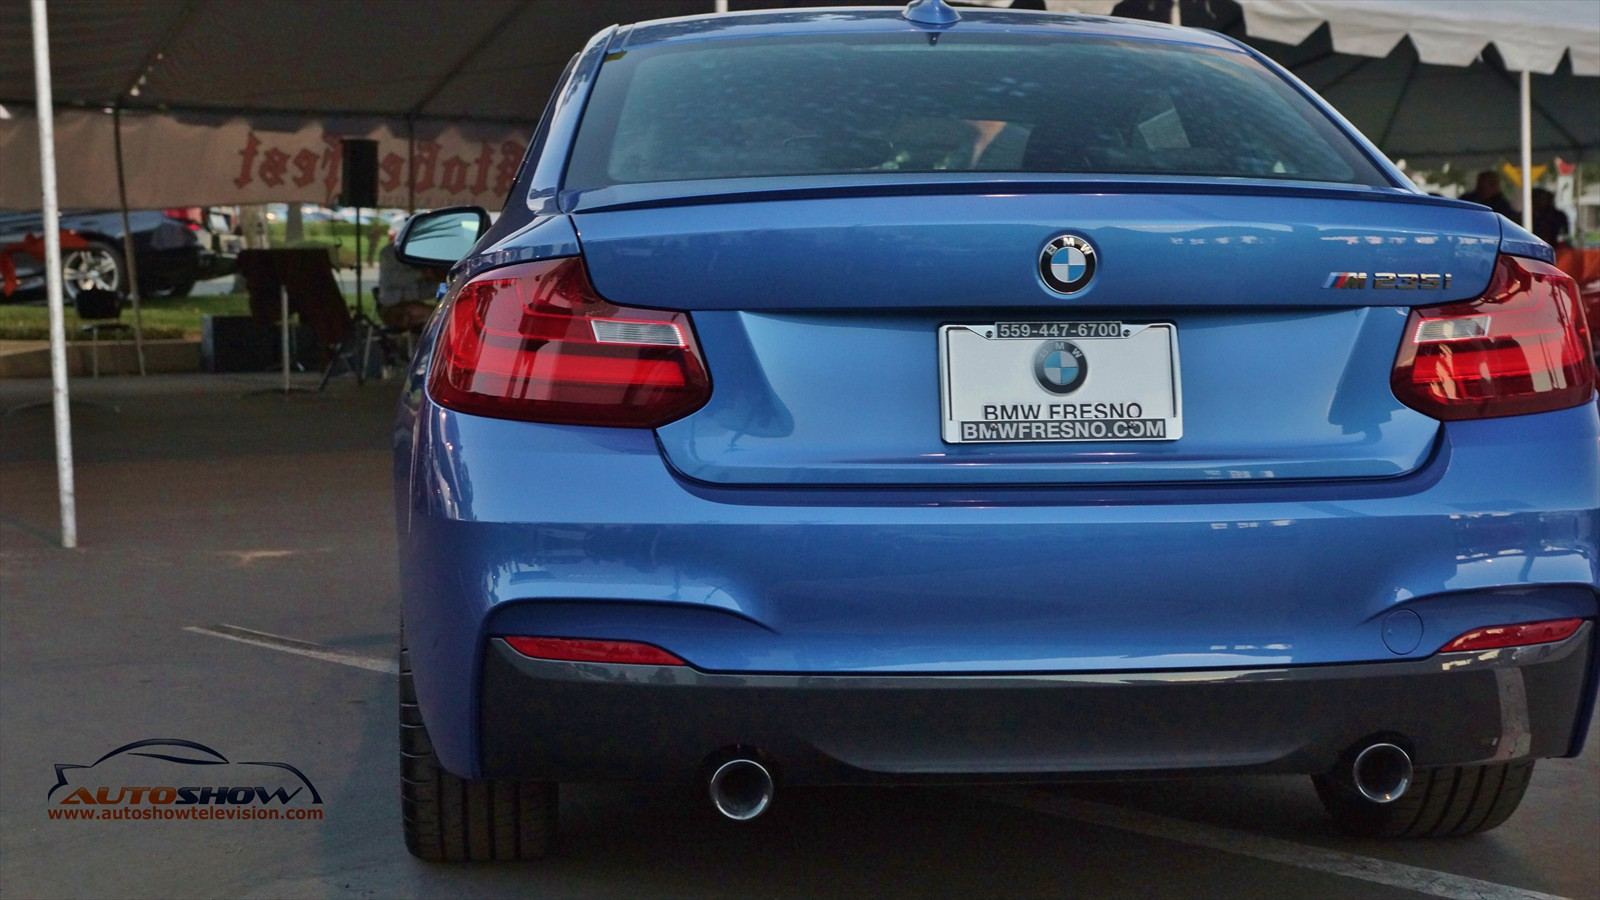 BMW Of Fresno >> Bmw Of Fresno Oktoberfest